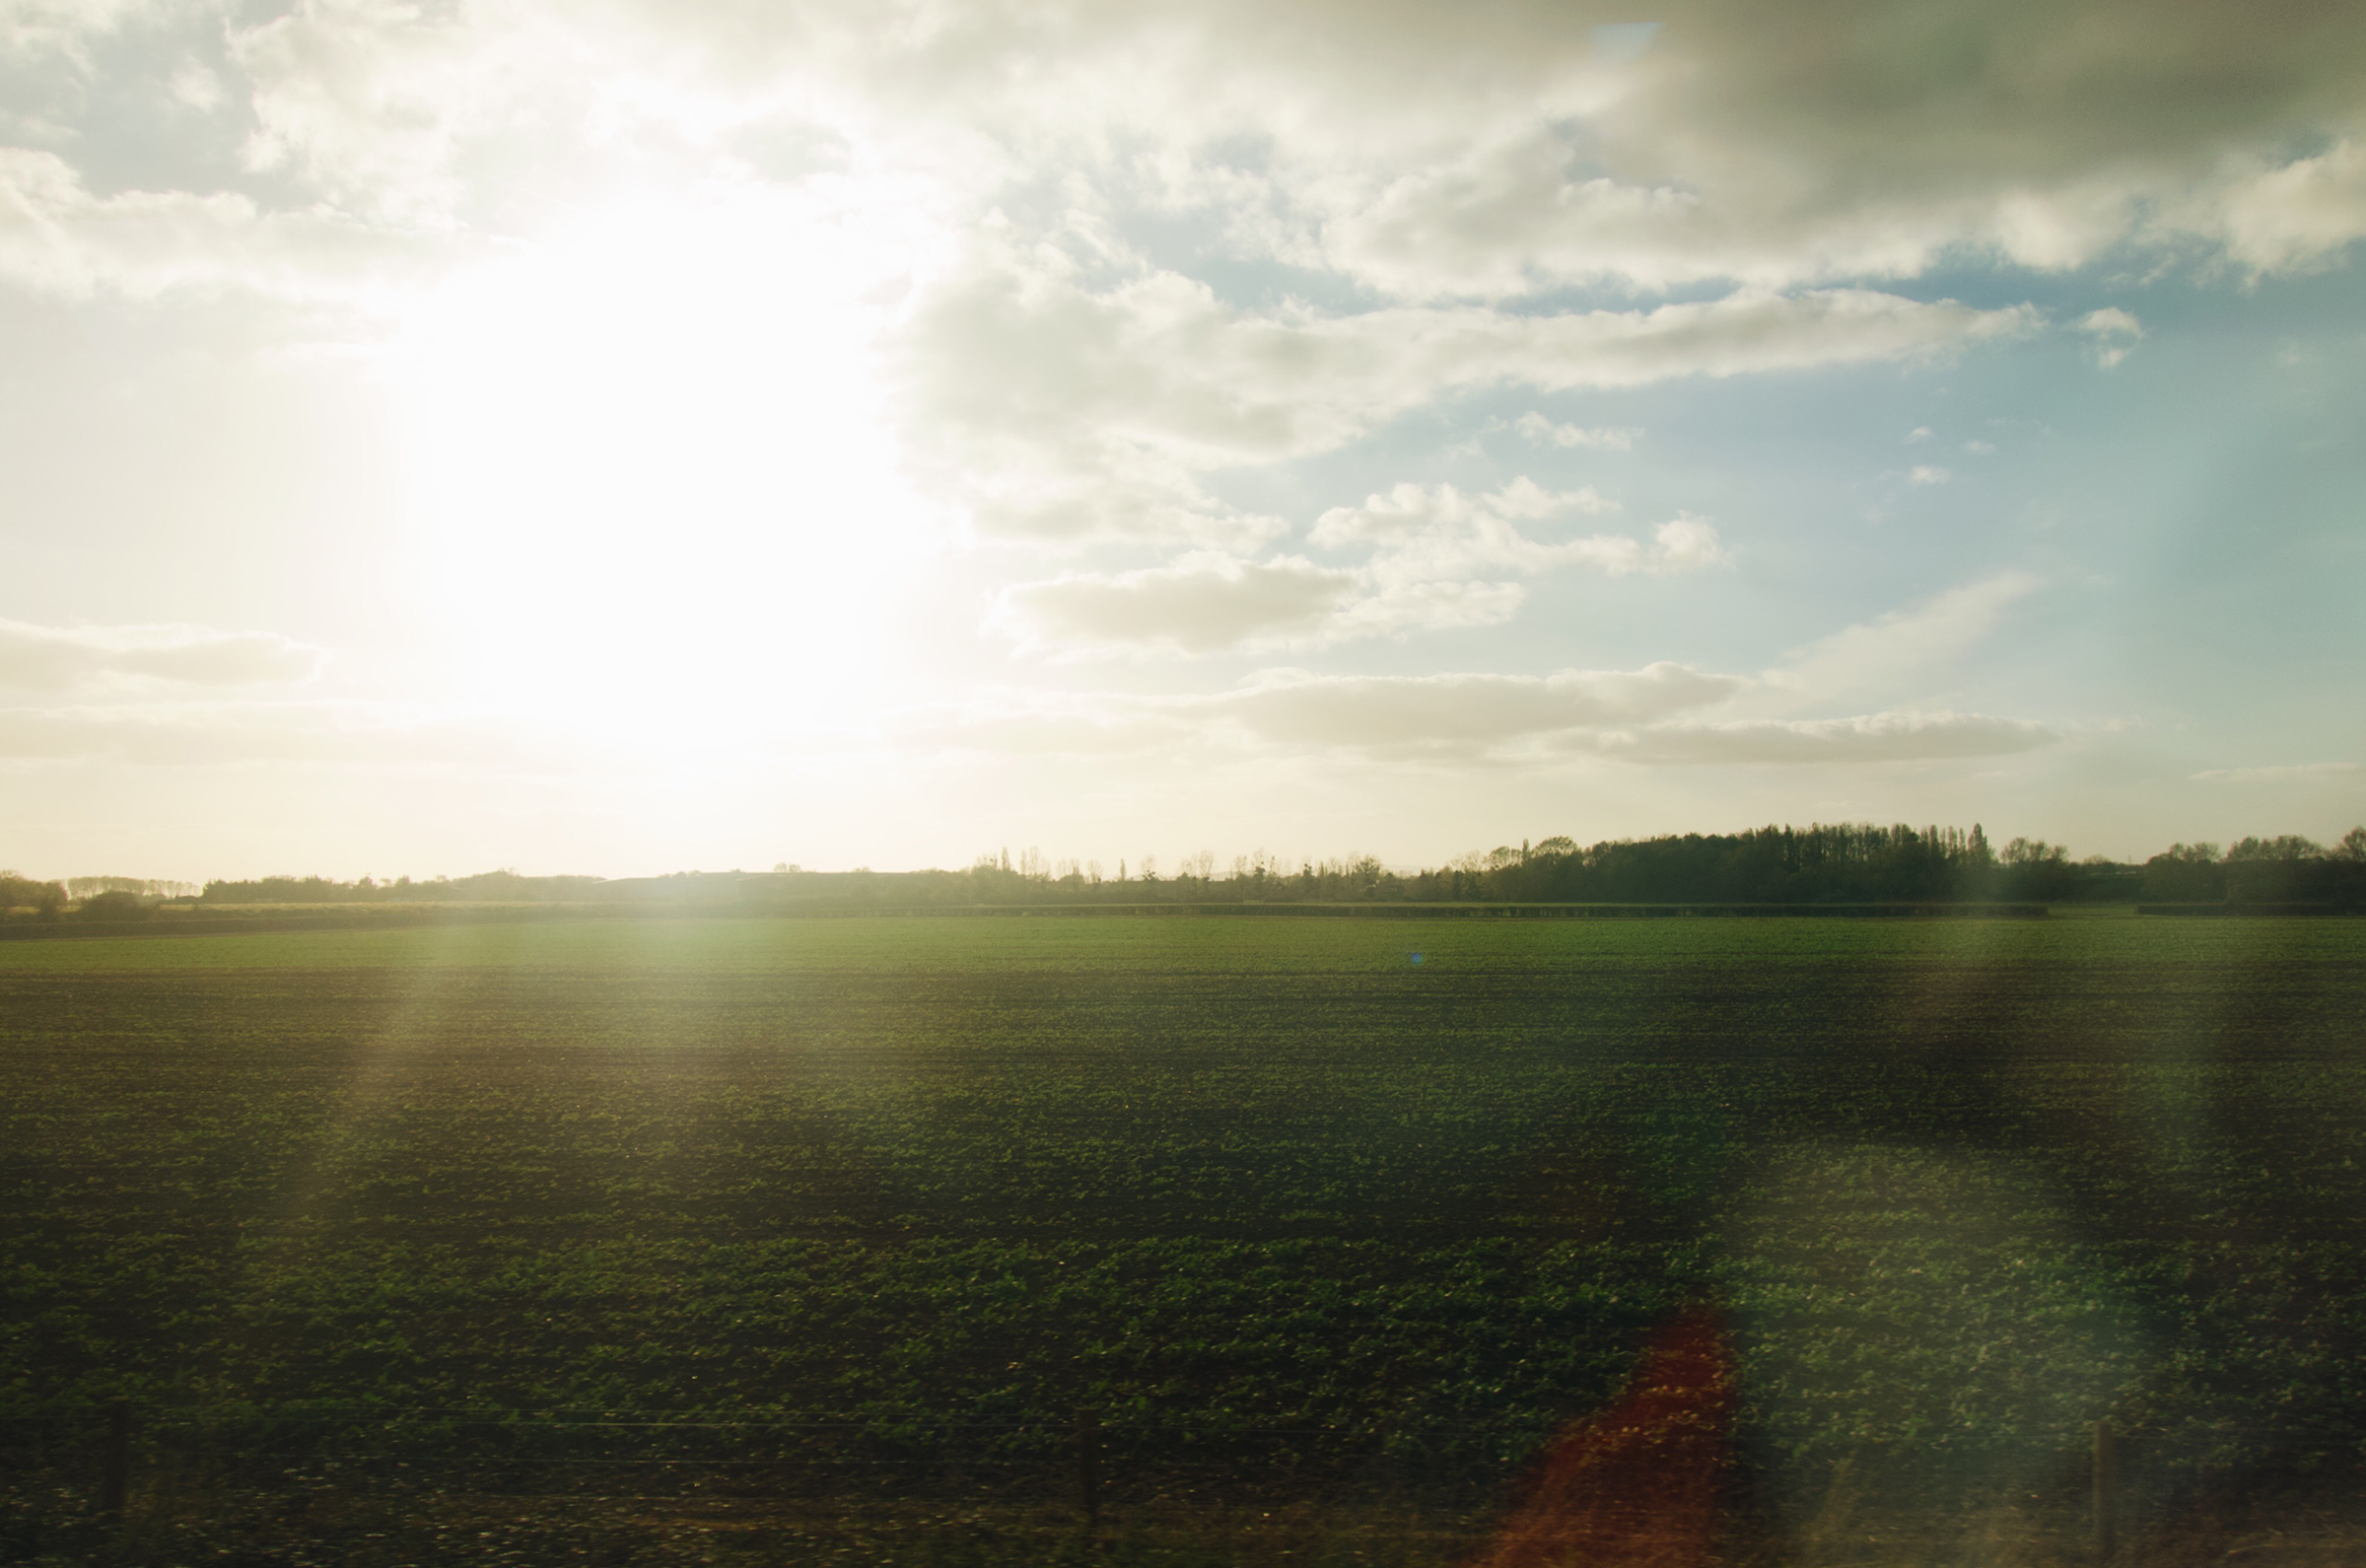 バーミンガムからチェルトナムへ向かった時の車窓